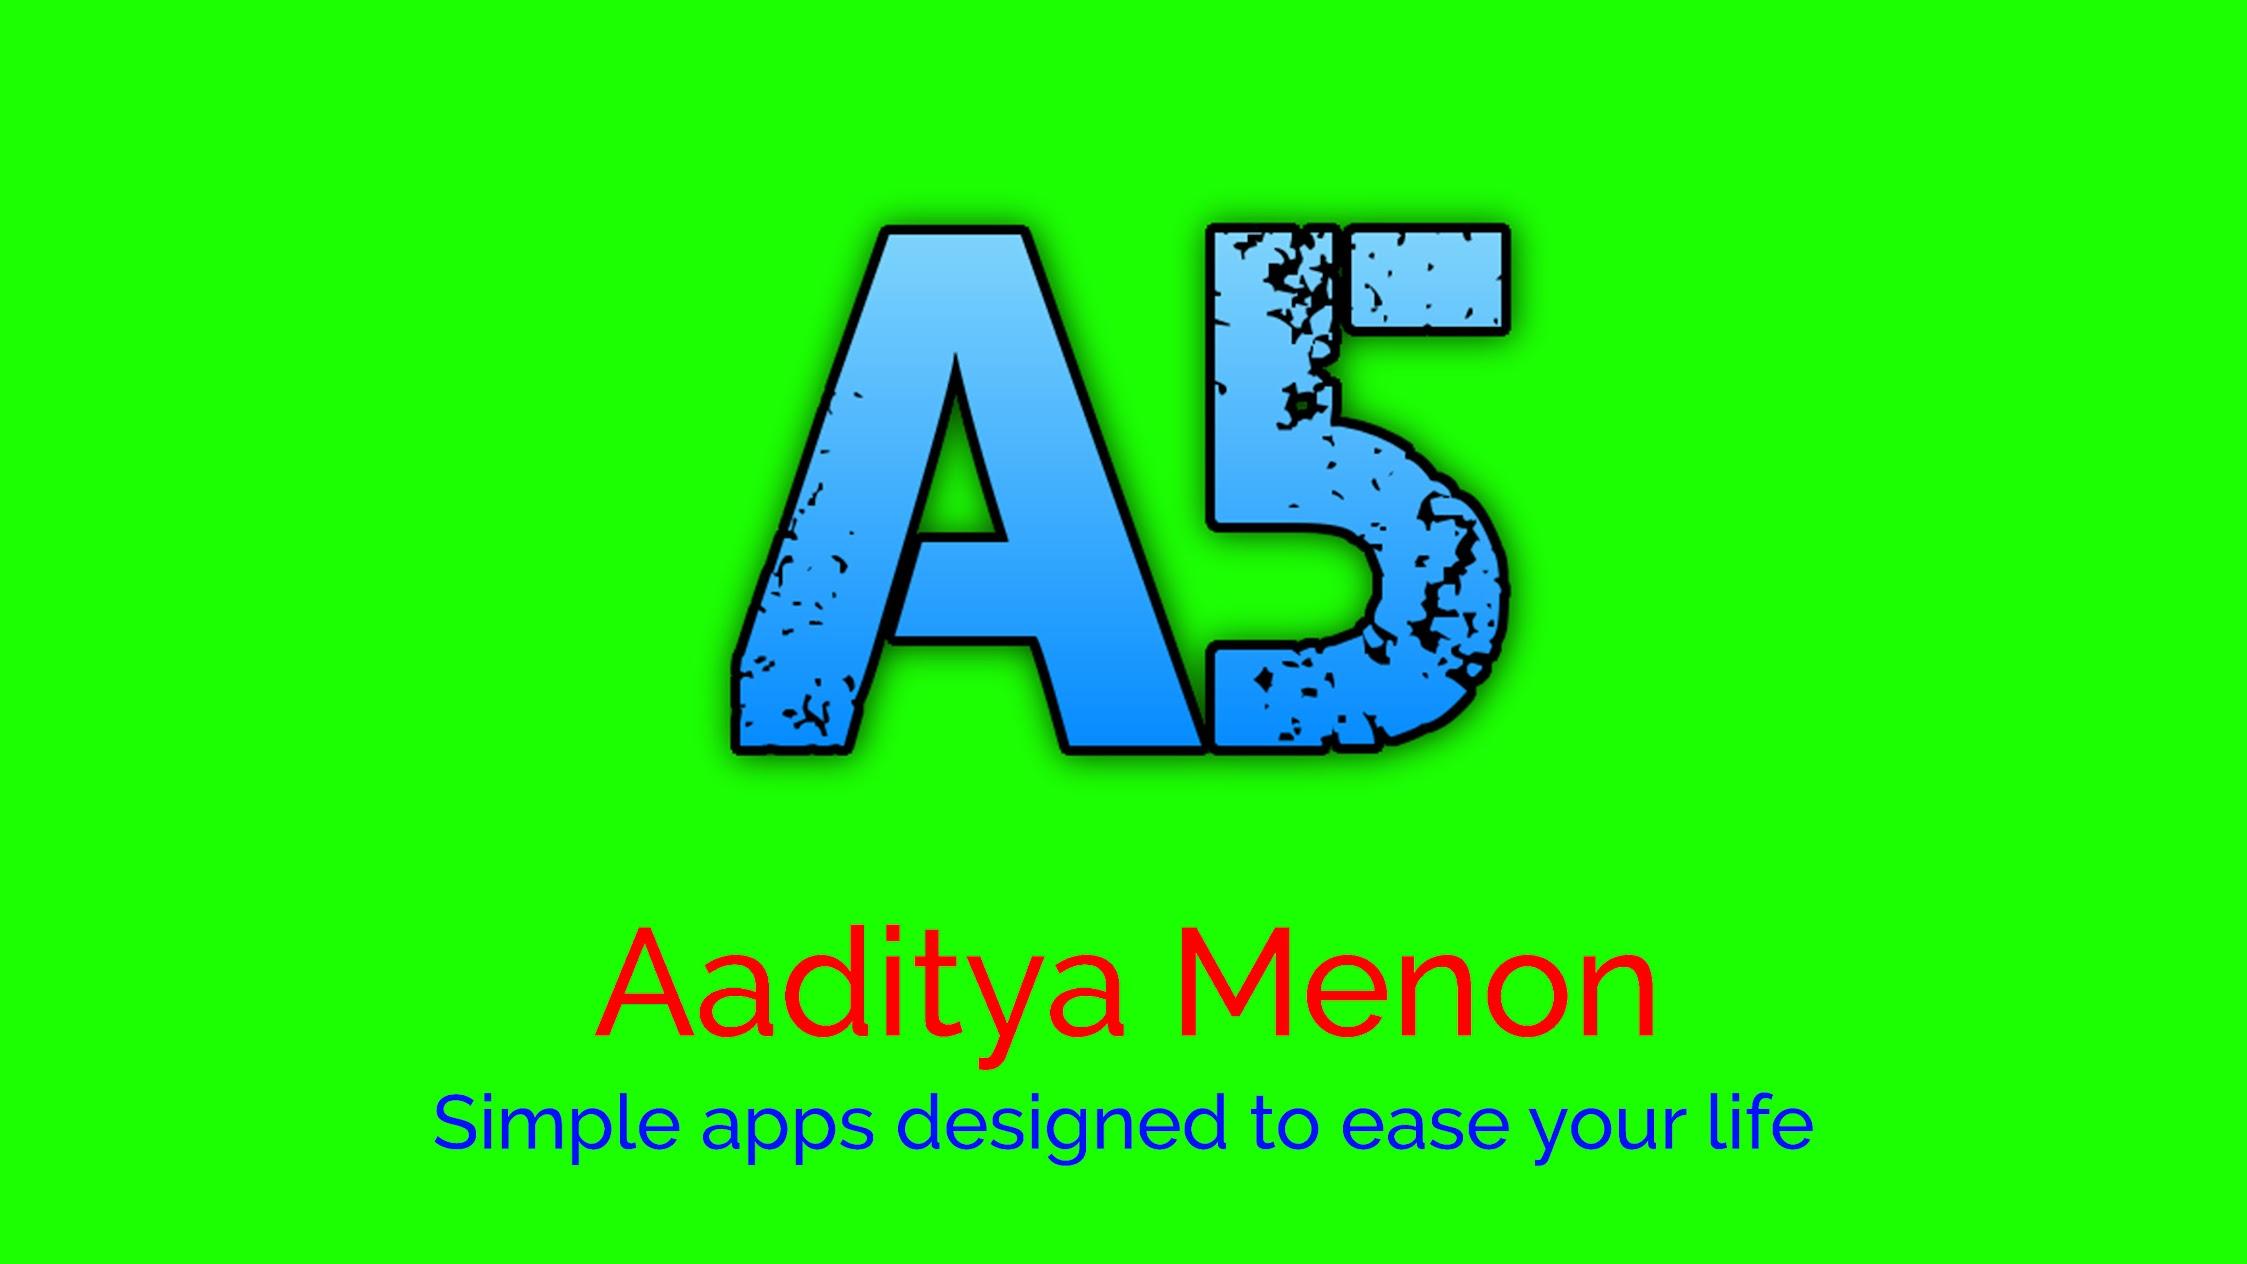 Aaditya Menon